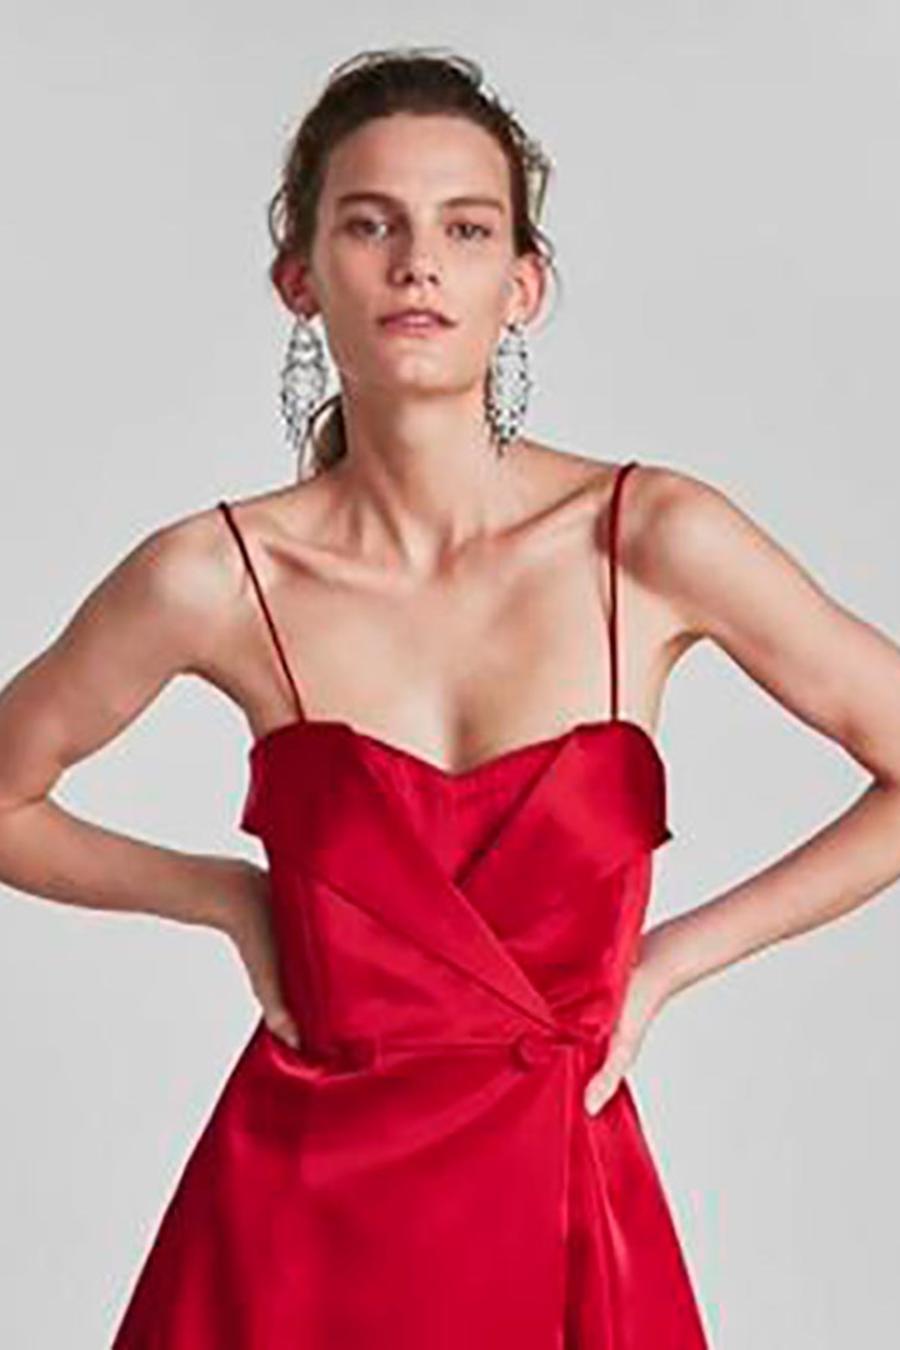 El fashionista Quique Usales le contesta las dudas de moda de nuestros televidentes